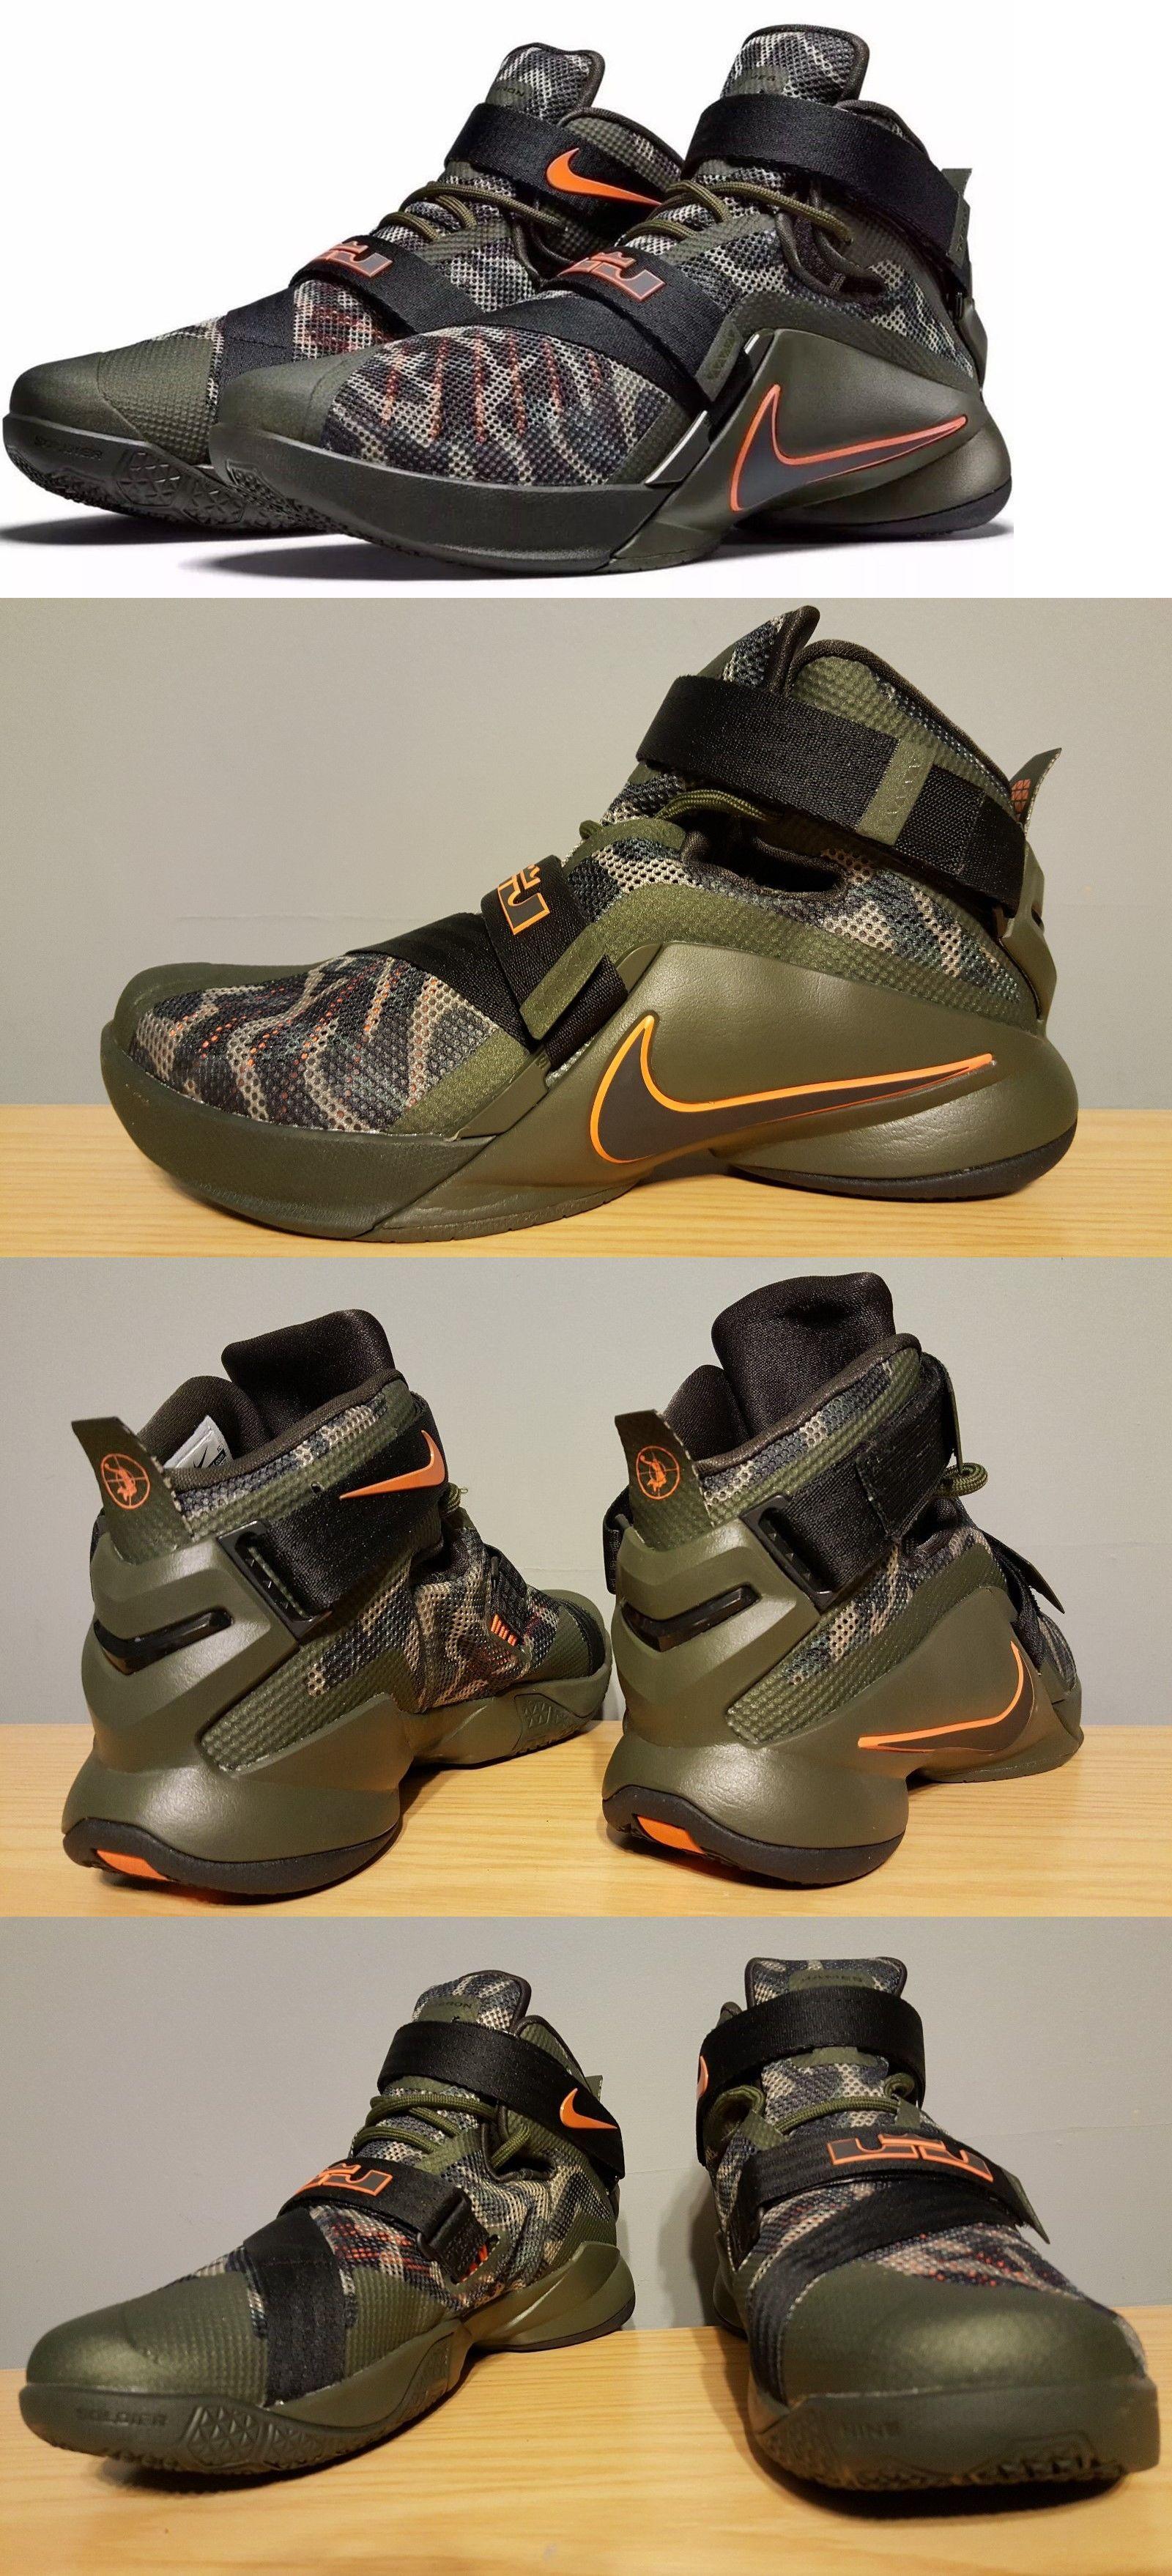 cec32a5ef4f ... ireland men 158971 new nike lebron soldier ix 9 prm sz 8 green black  camo shoes ...